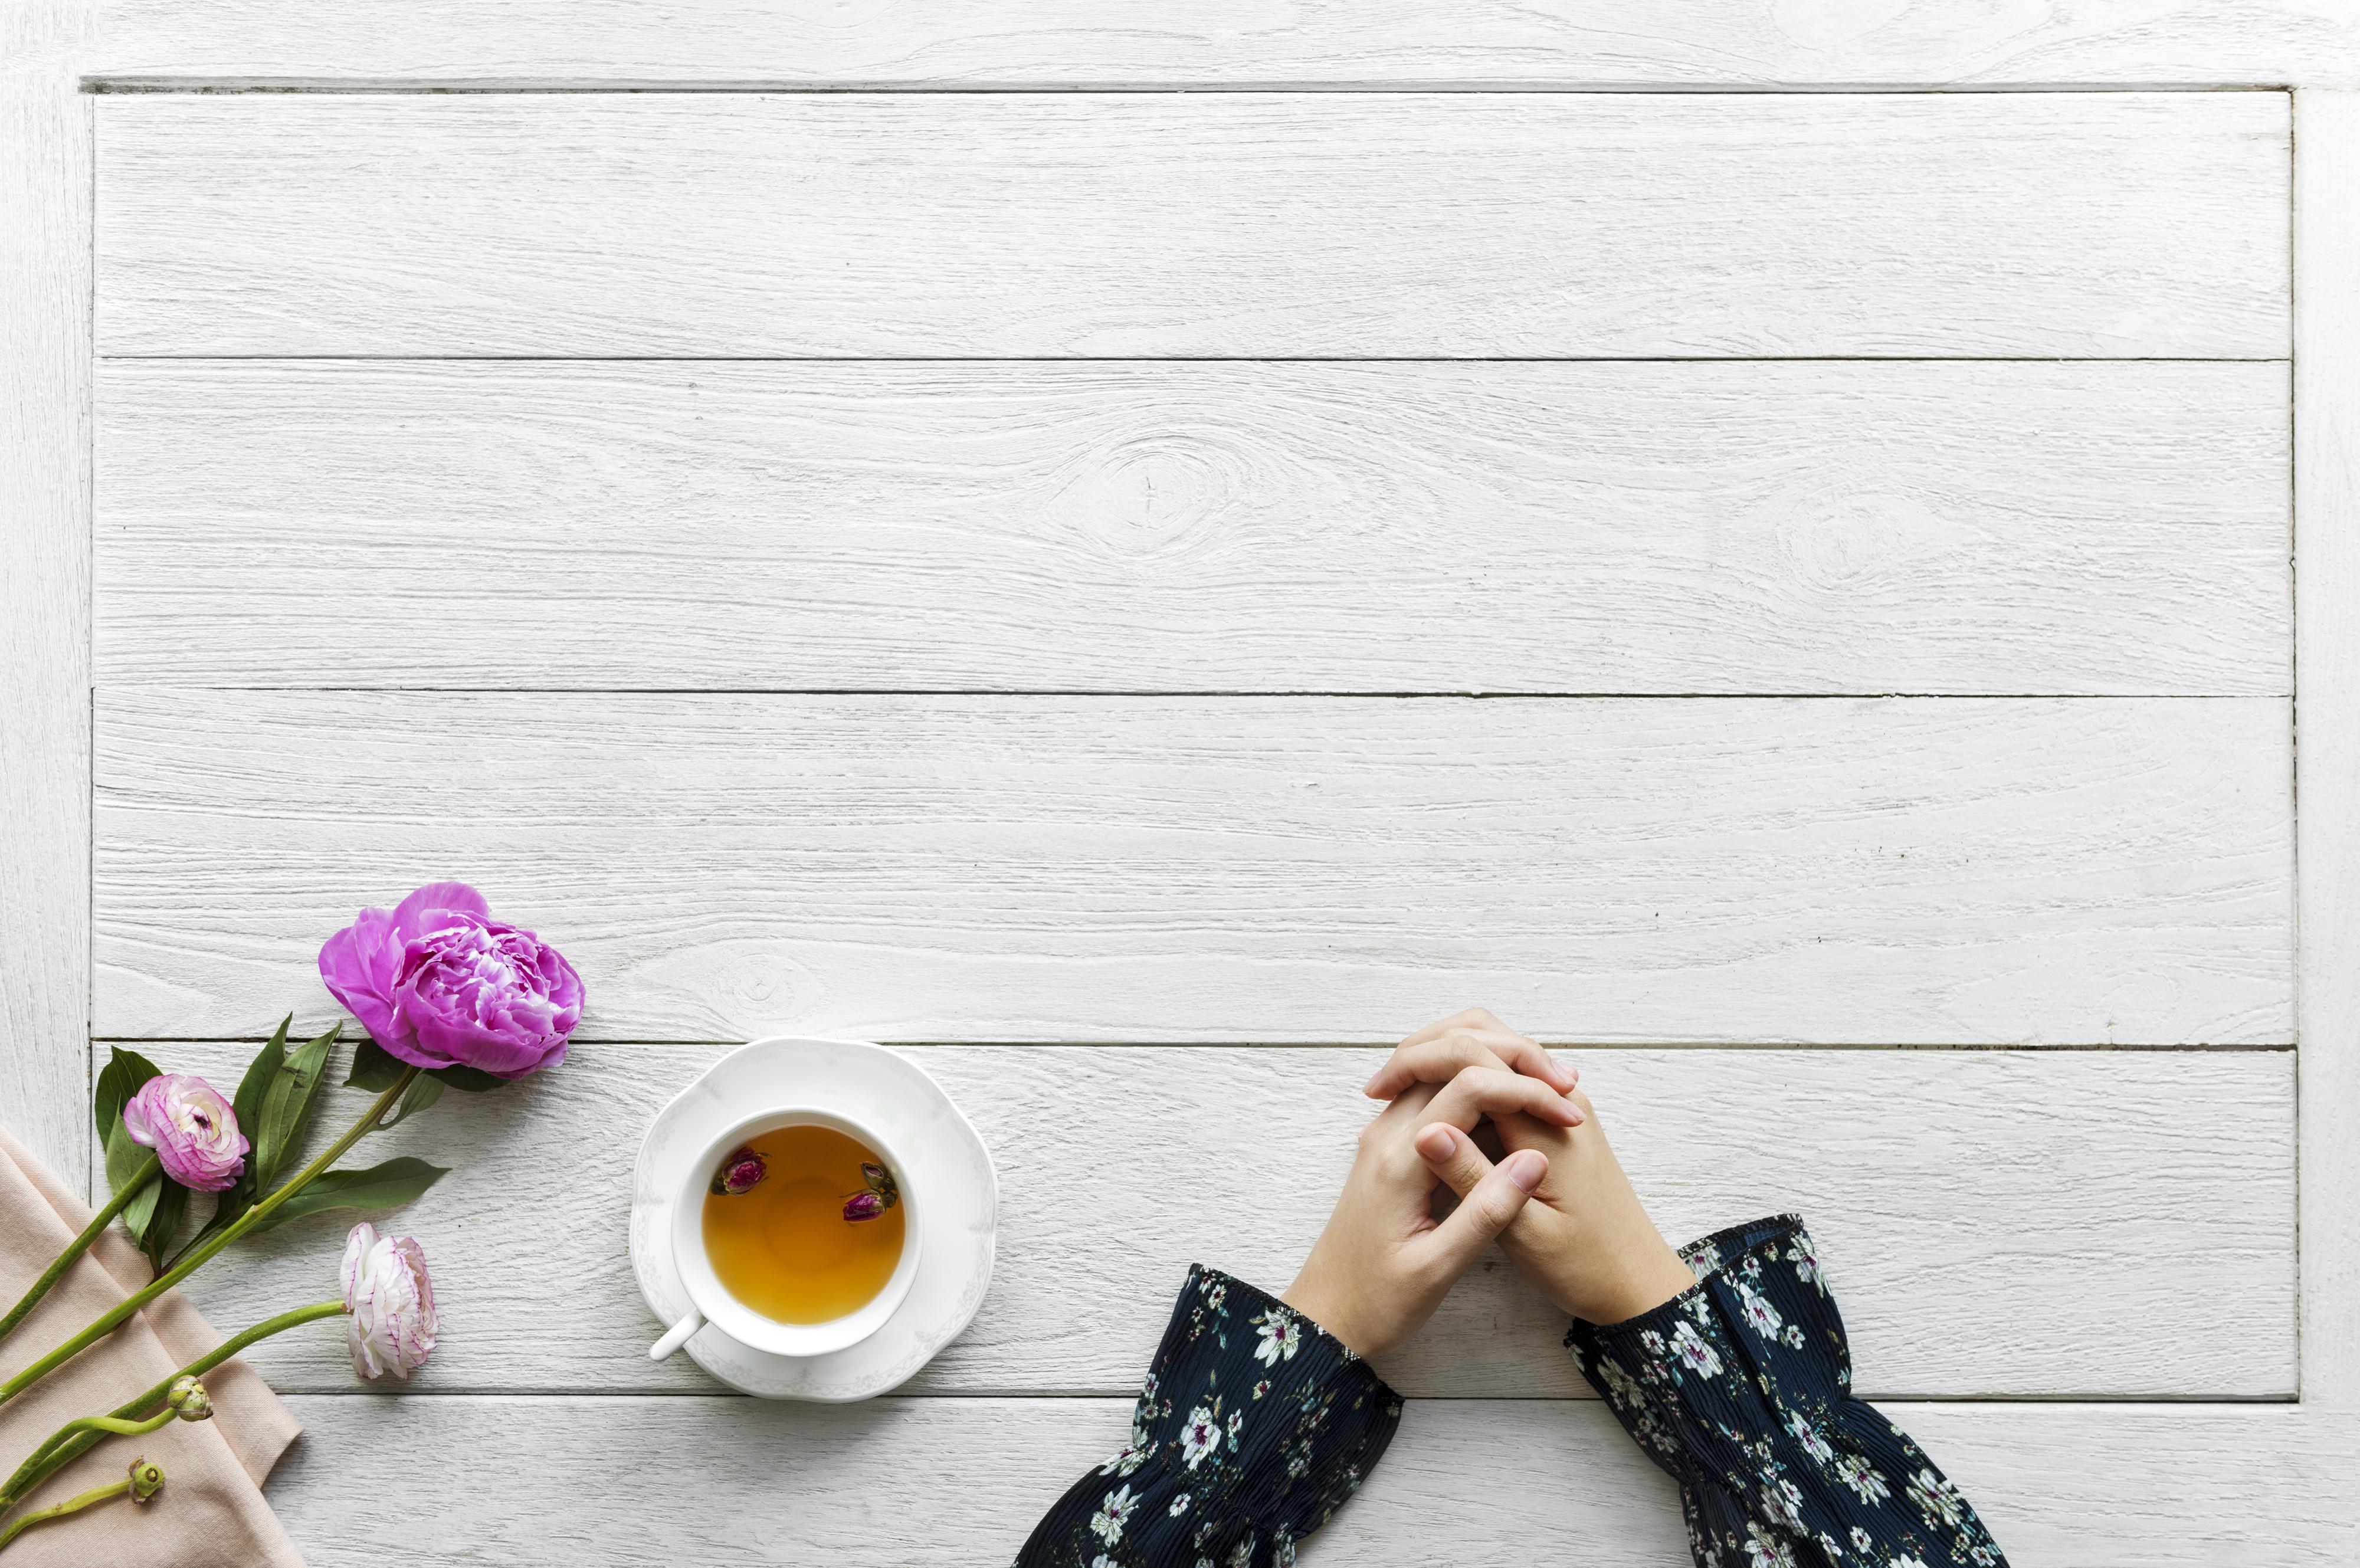 無料画像 空中 午後 アフタヌーンティー バックグラウンド 飲料 ブレーク 朝ごはん カフェ クリーン コピースペース カップ 毎日 昼間 デコ 装飾 デザインスペース 英語 楽しんで 女性 フェミニン 平らな寝かせ フラットレイ 花 グルメ ハンド